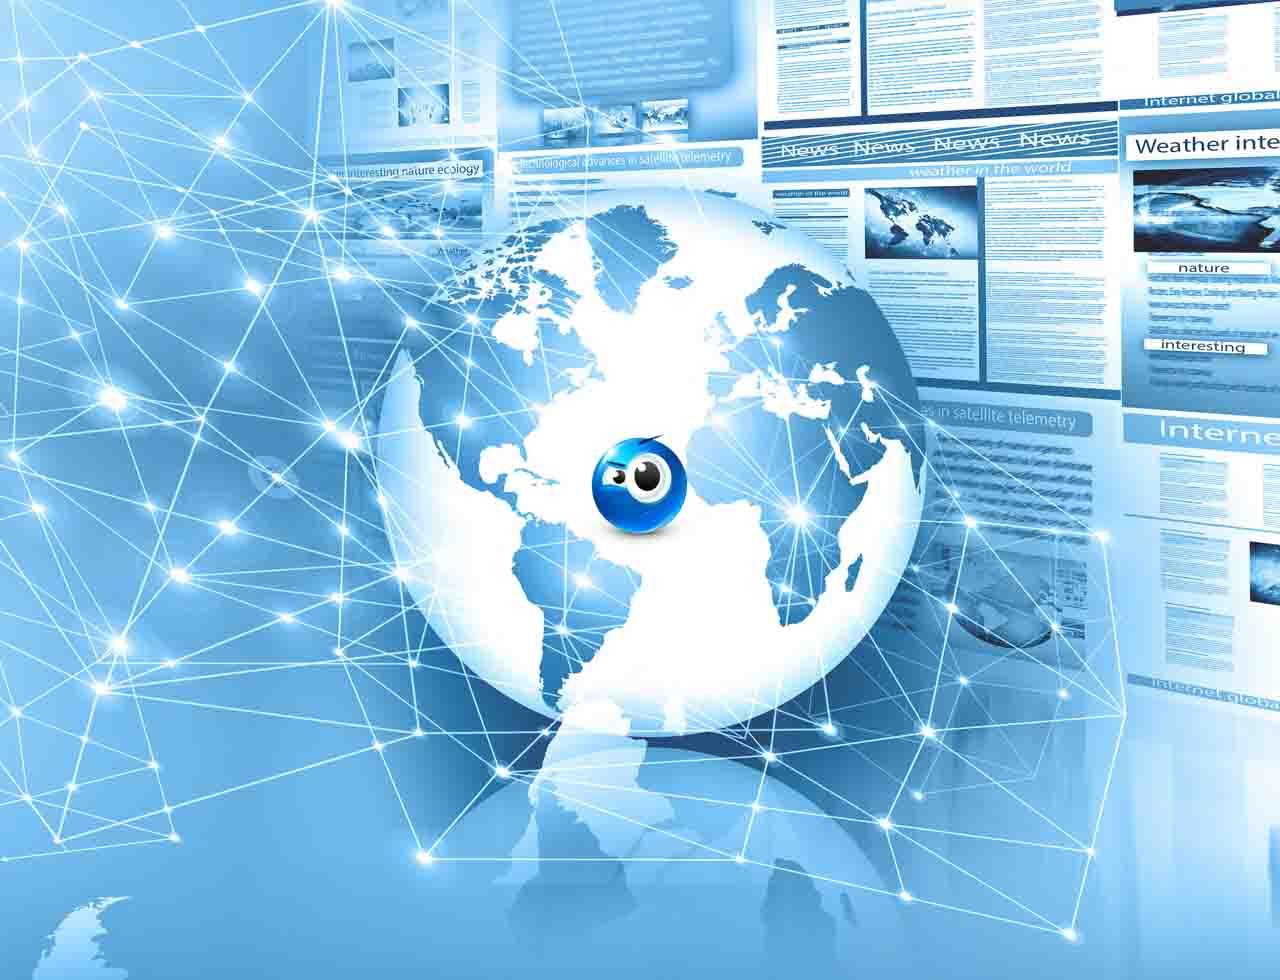 Internet   negli Usa via ' neutrality net'